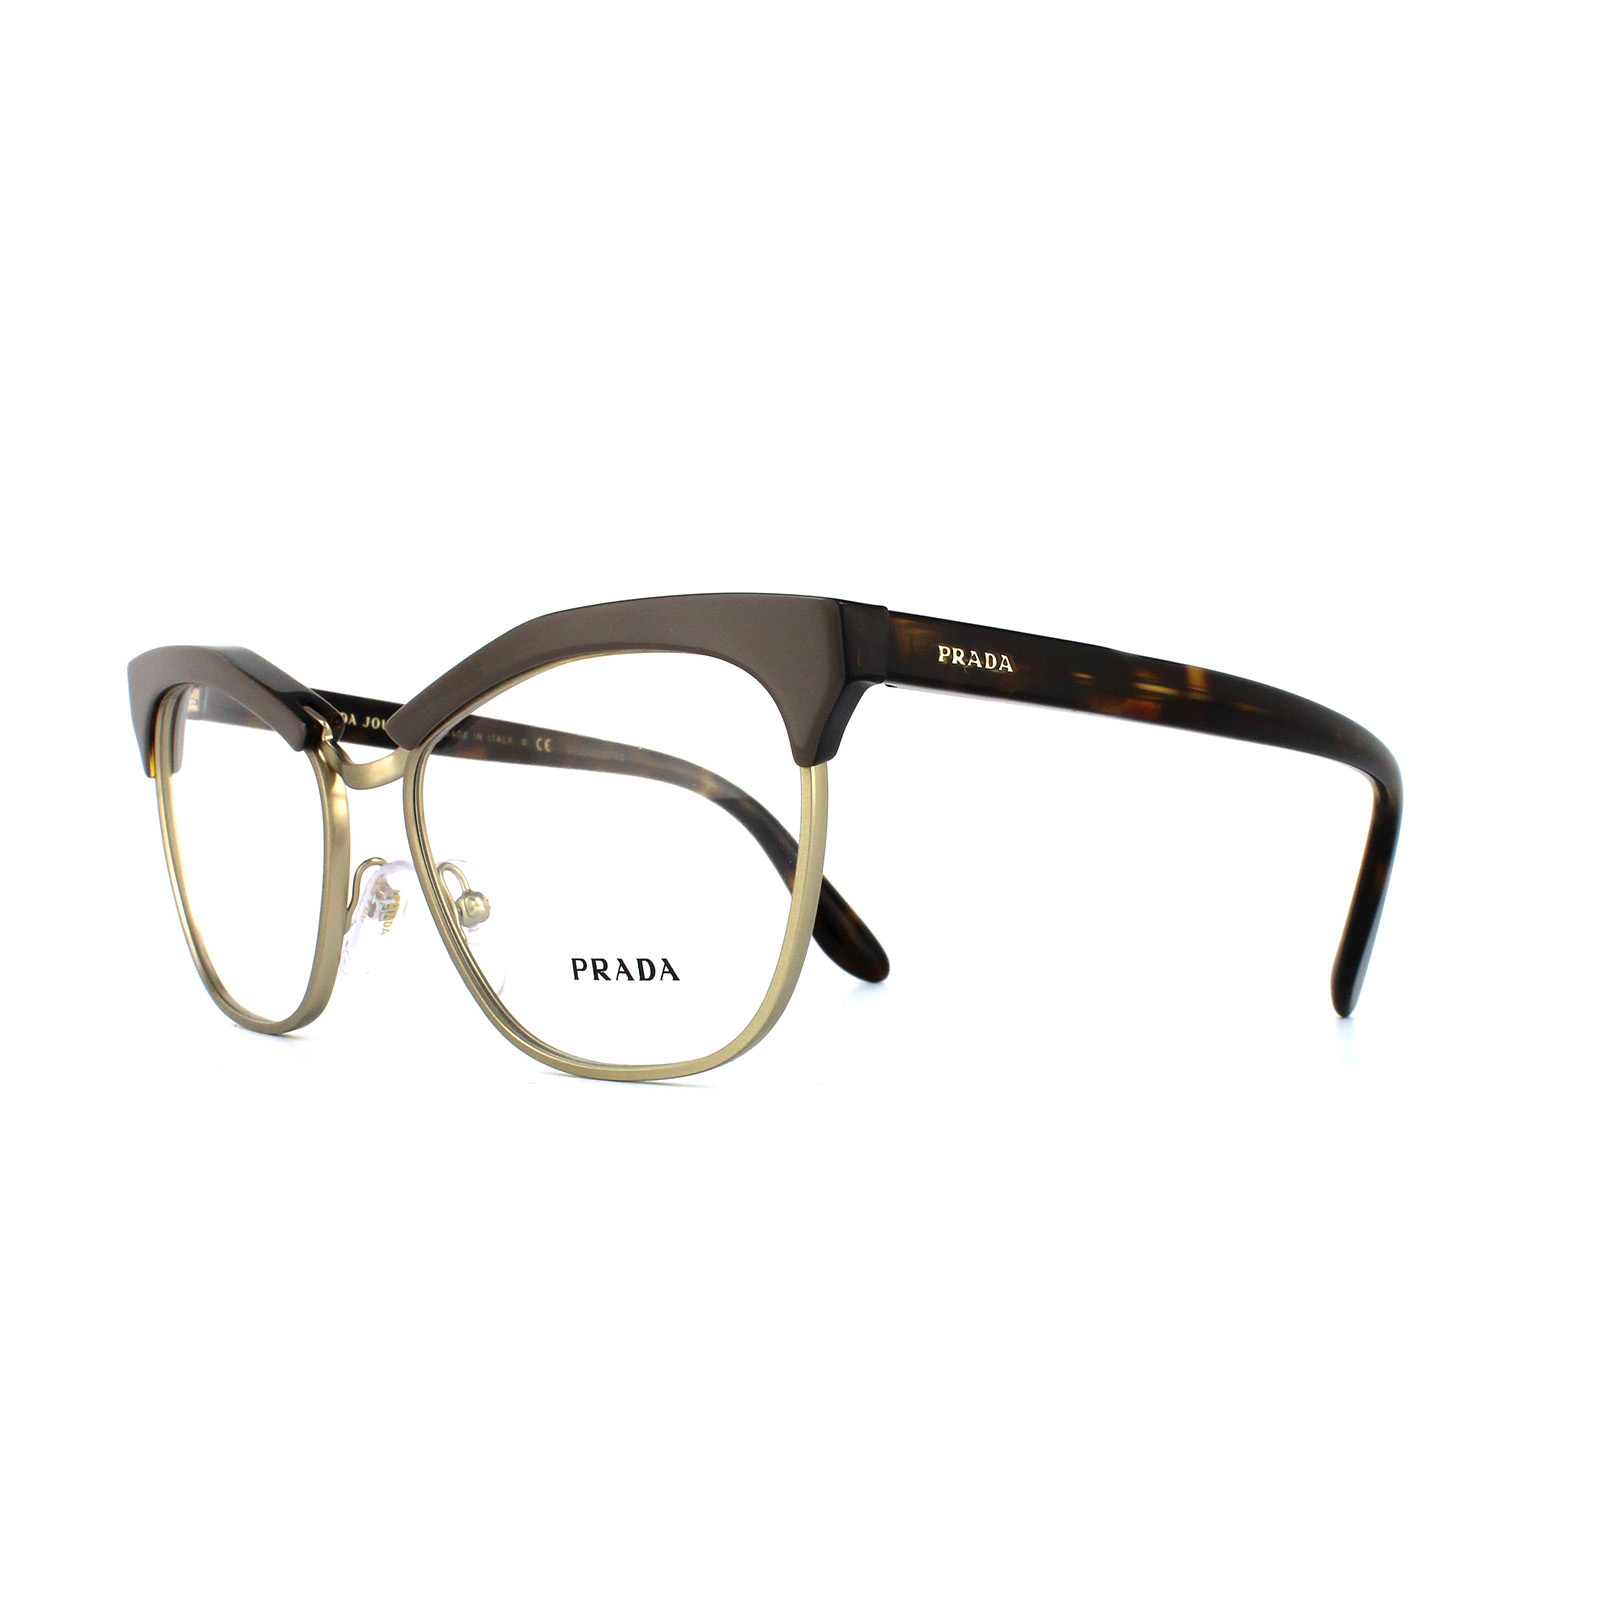 Glasses Frame Prada : Cheap Prada 14SV Glasses Frames - Discounted Sunglasses